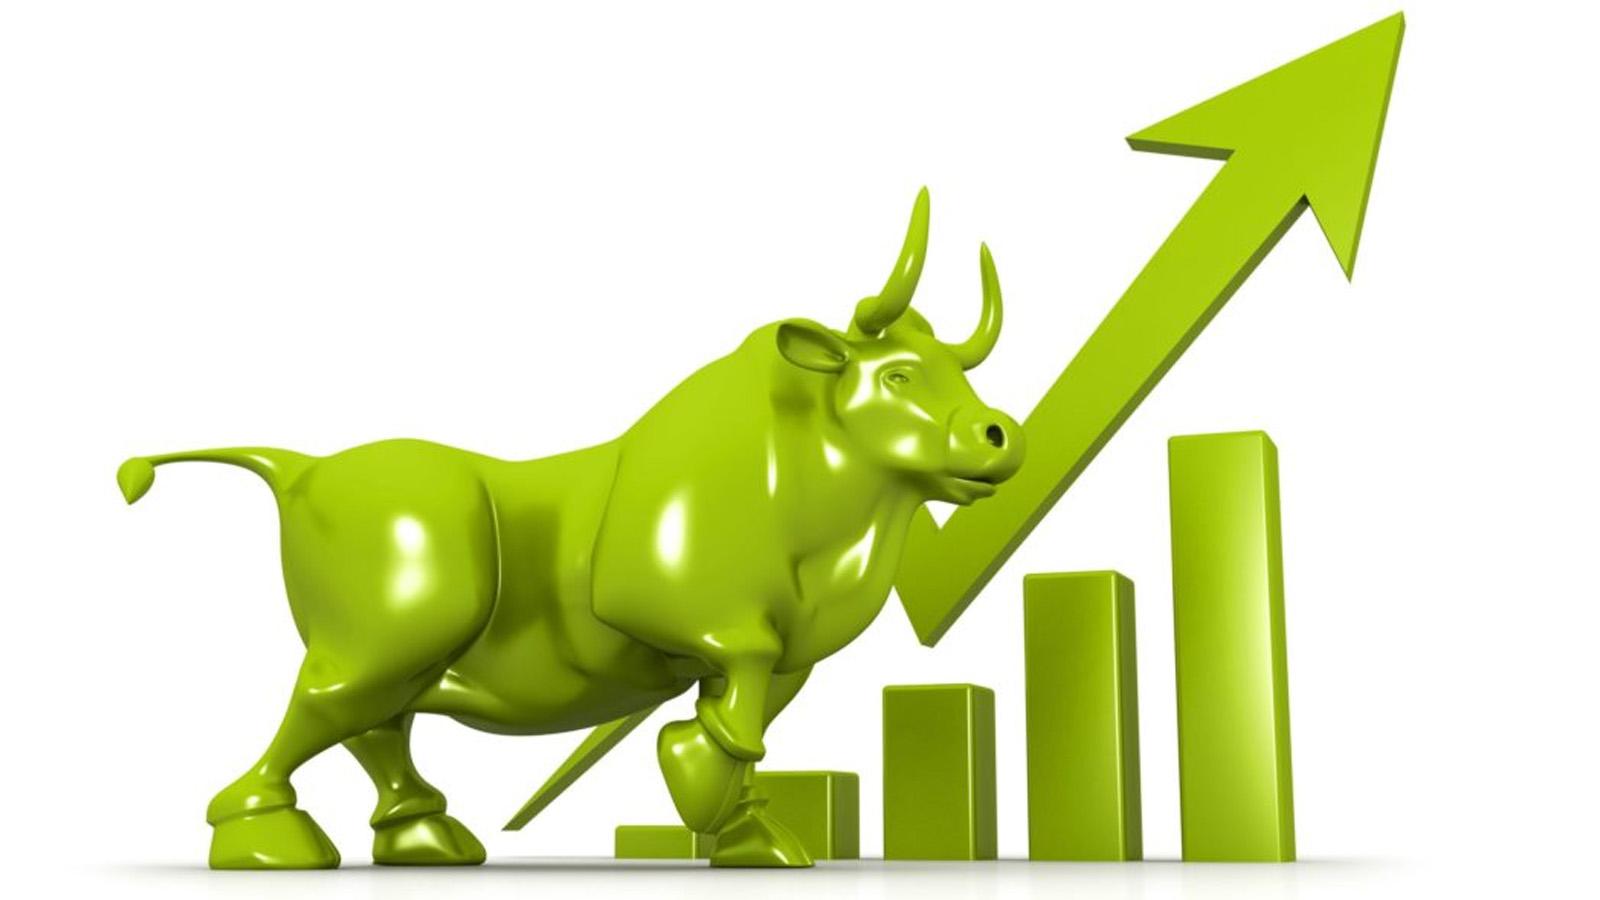 नेप्सेमा झिनो वृद्धिः बजार पूँजीकरण ३६ खर्ब ७२ अर्ब